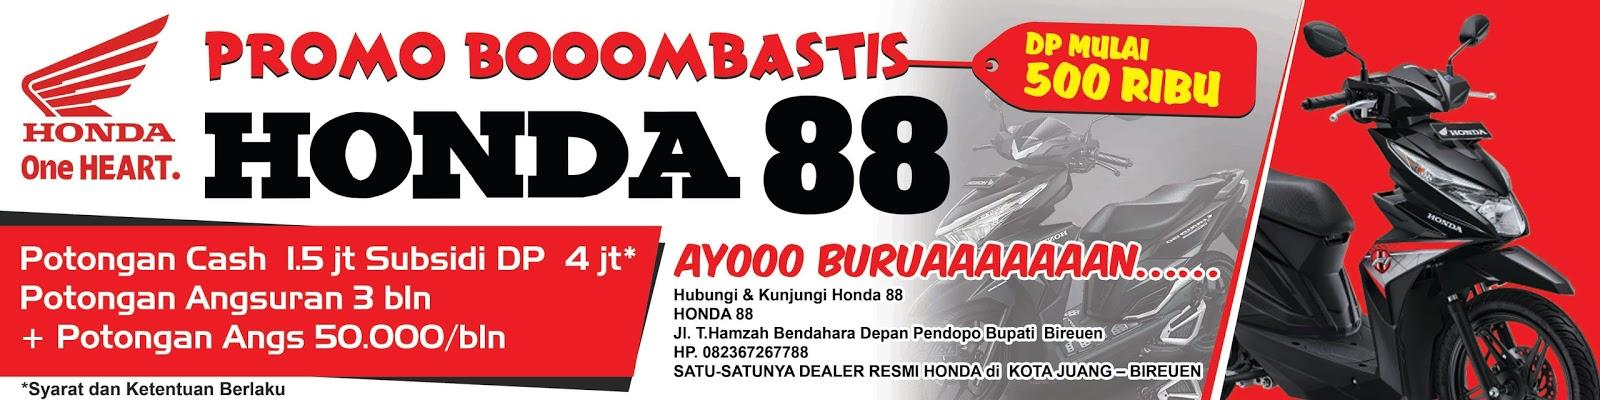 Contoh Spanduk Dan Banner Promosi Honda Abad29studio